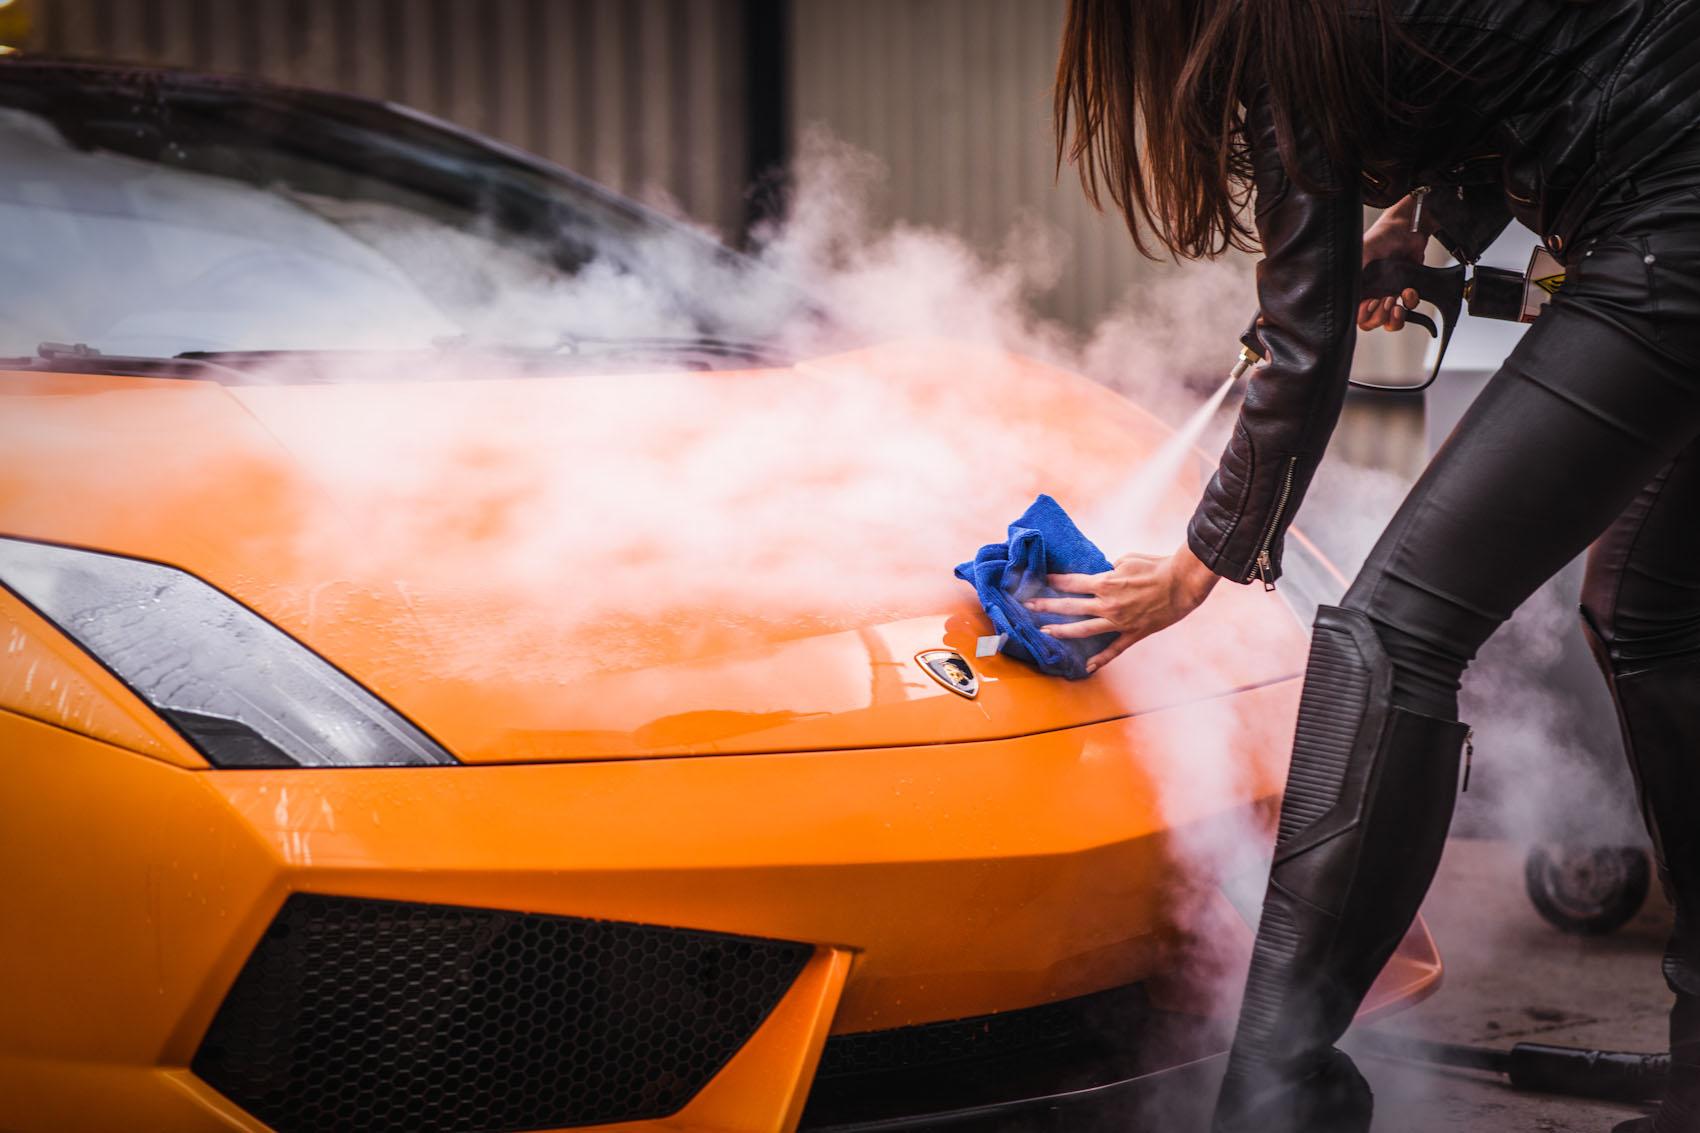 Steamer for car wash better than Optima Steamer